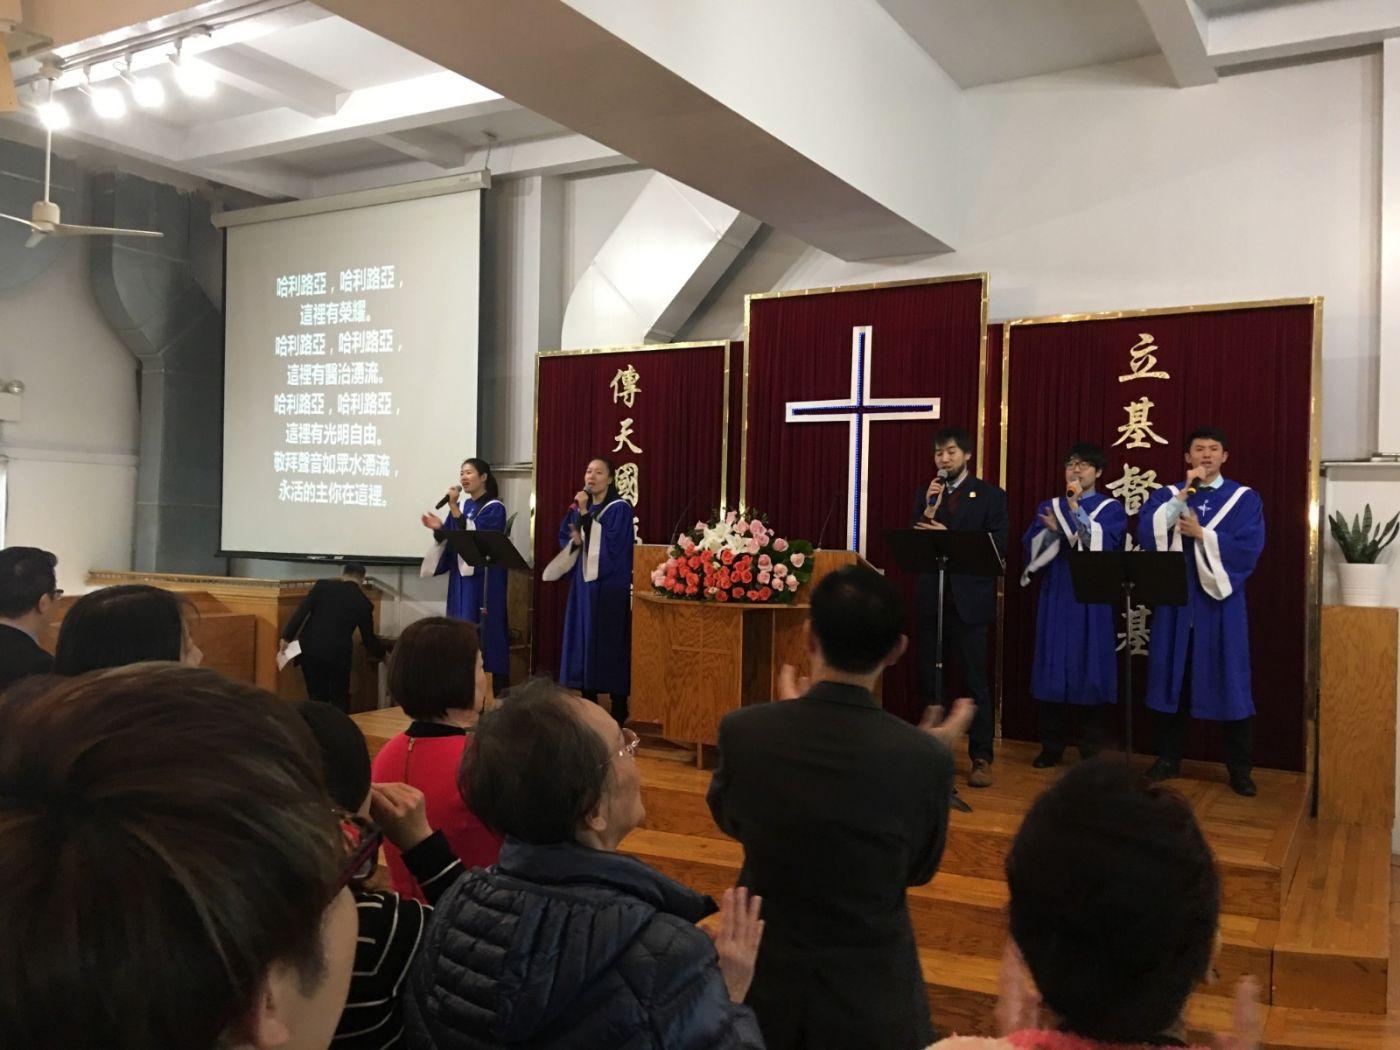 2019紐約基督閩恩教會舉辦感恩節崇拜_图1-16